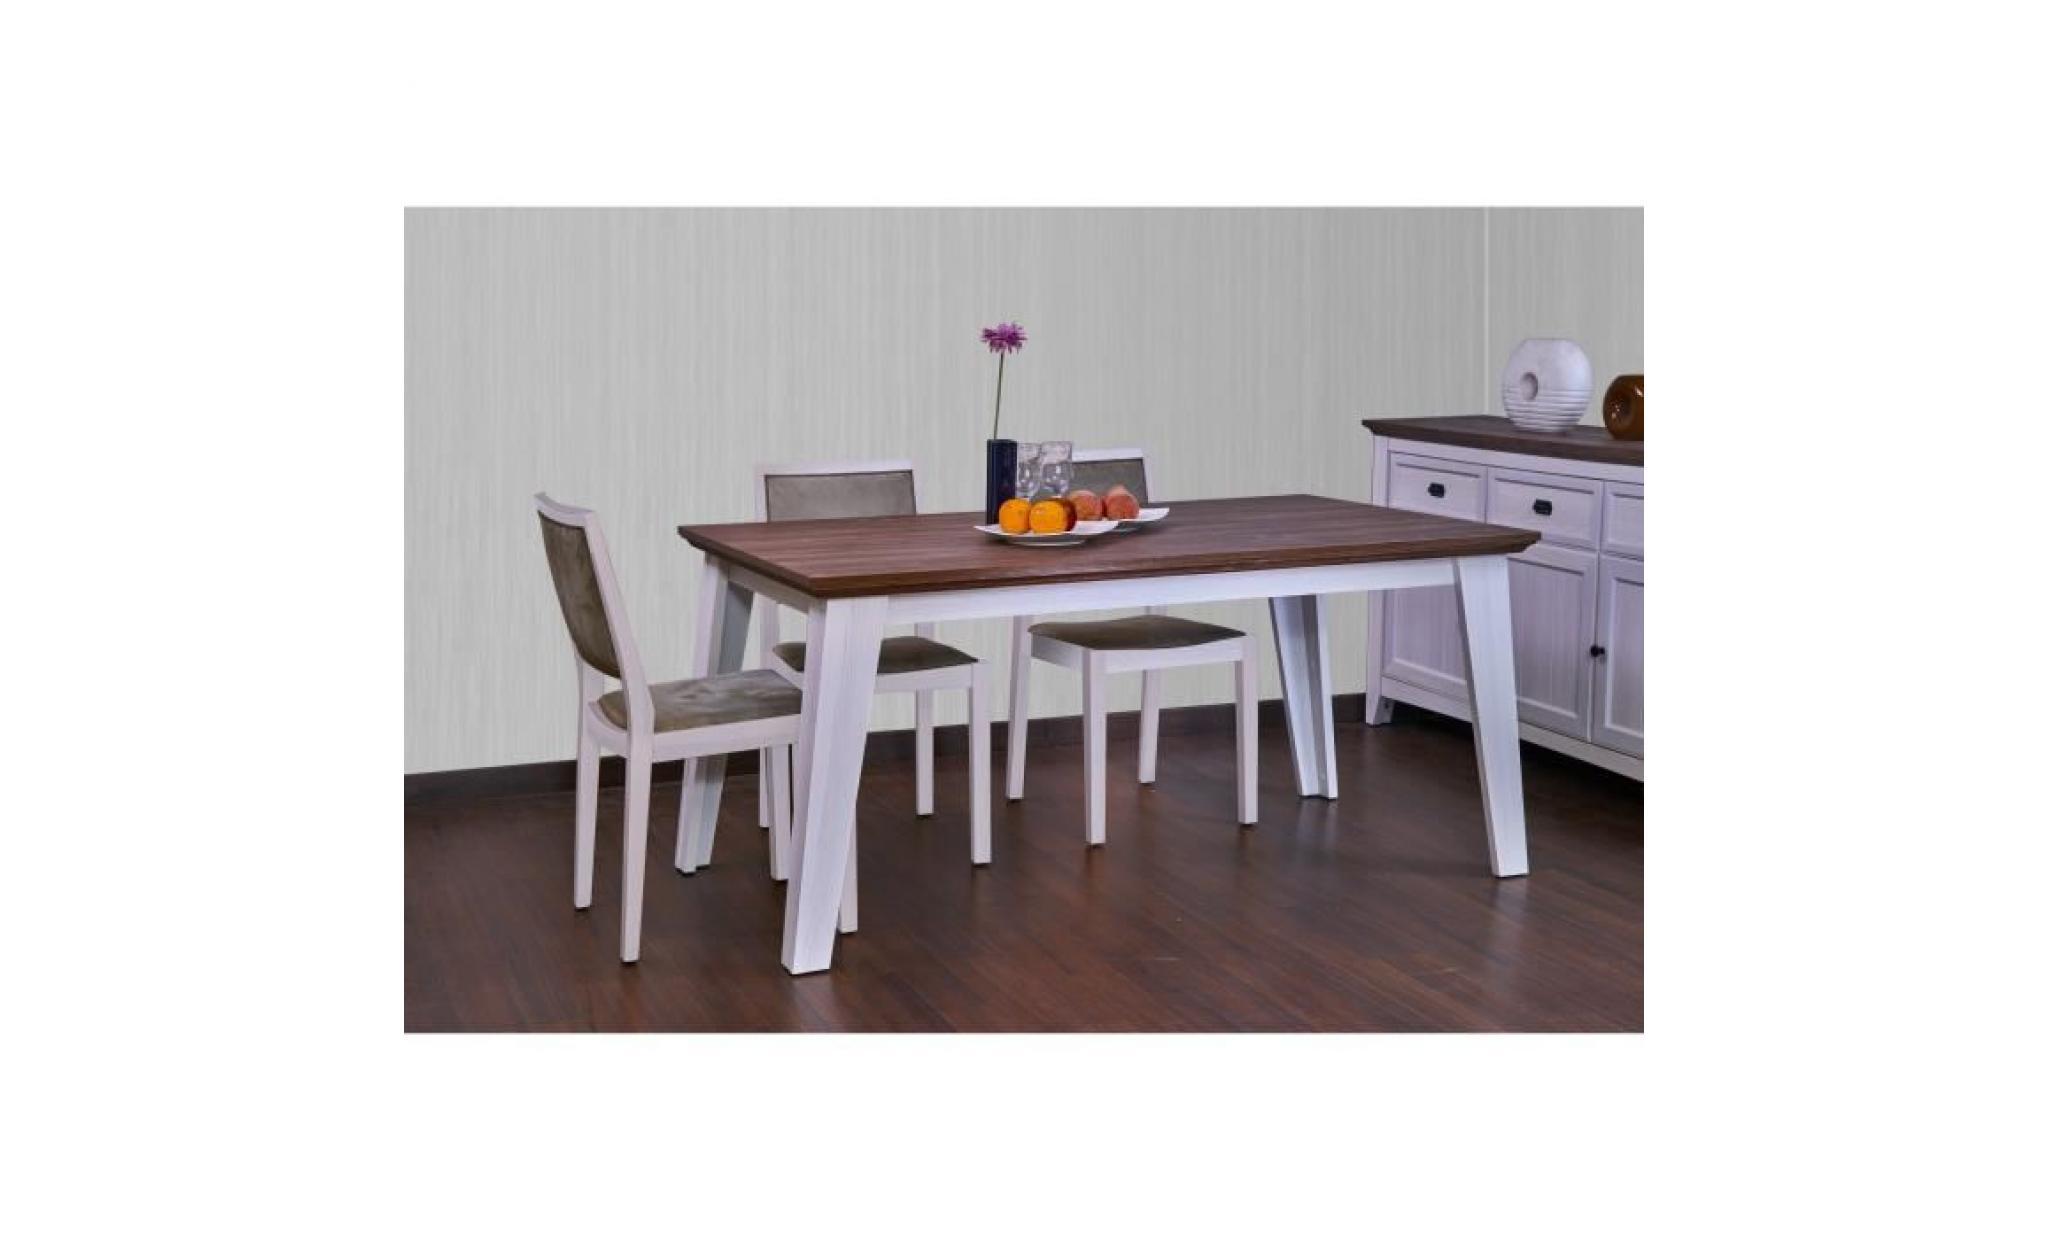 glenville table a manger classique de 6 a 8 personnes decor blanc patine et plateau decor chene l 160 x l 90 cm achat vente table salle a manger pas cher couleur et design fr